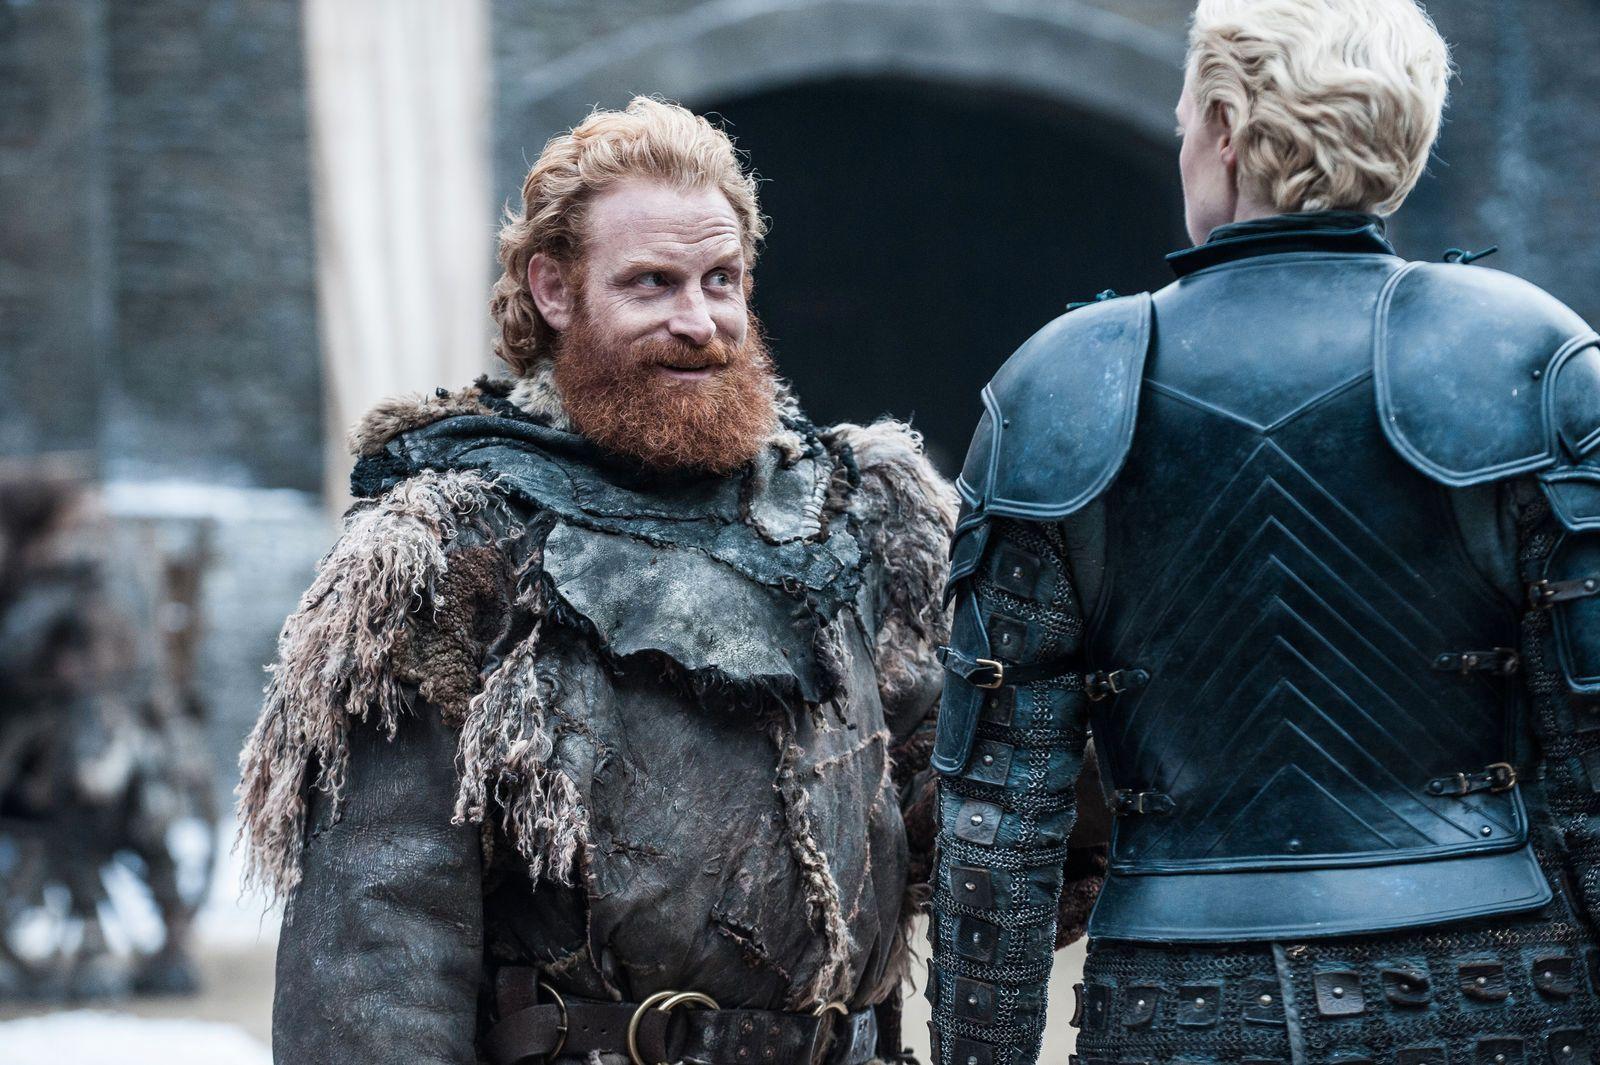 SENTRALE ROLLER: Kristofer Hivju som Tormund Giantsbane og Gwendoline Christie som Brienne of Tarth, her i sesong syv av den populære serien.